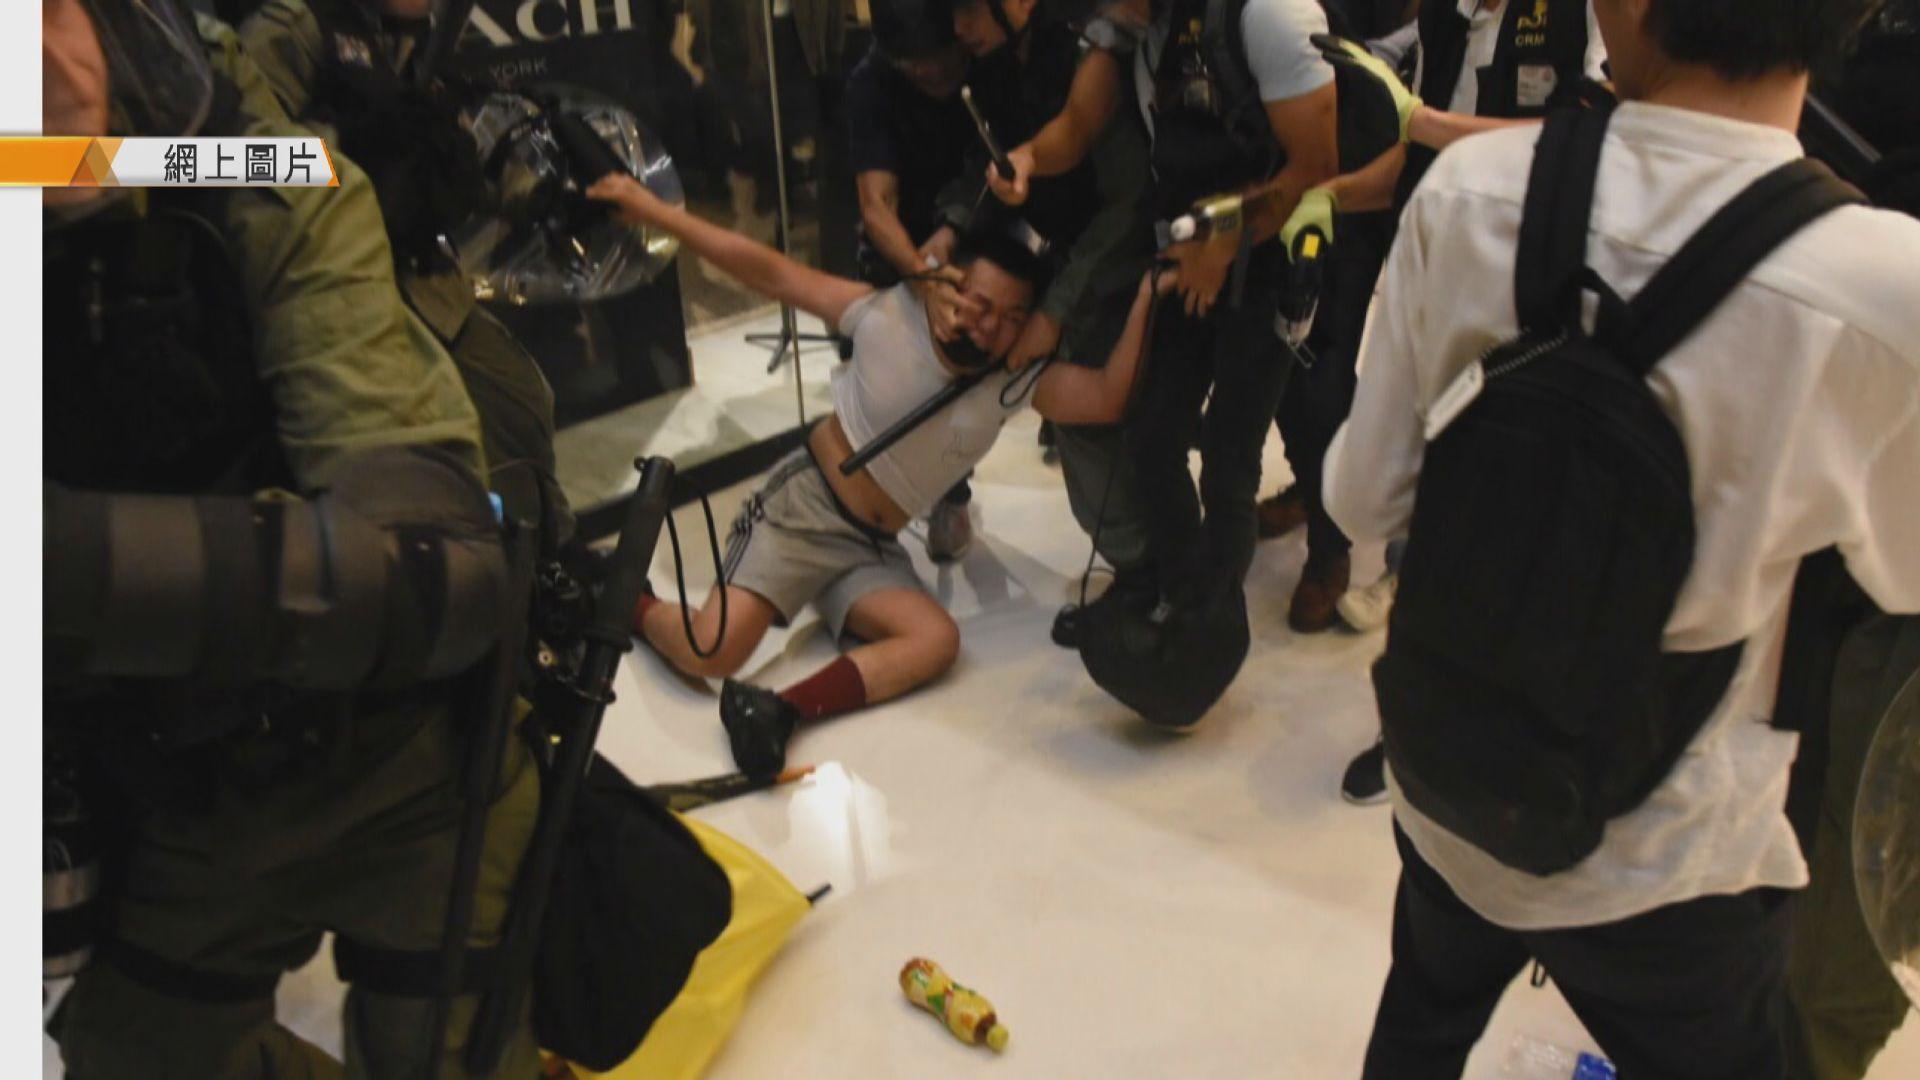 咬斷警員手指為港大畢業生 涉嫌非法集結被捕